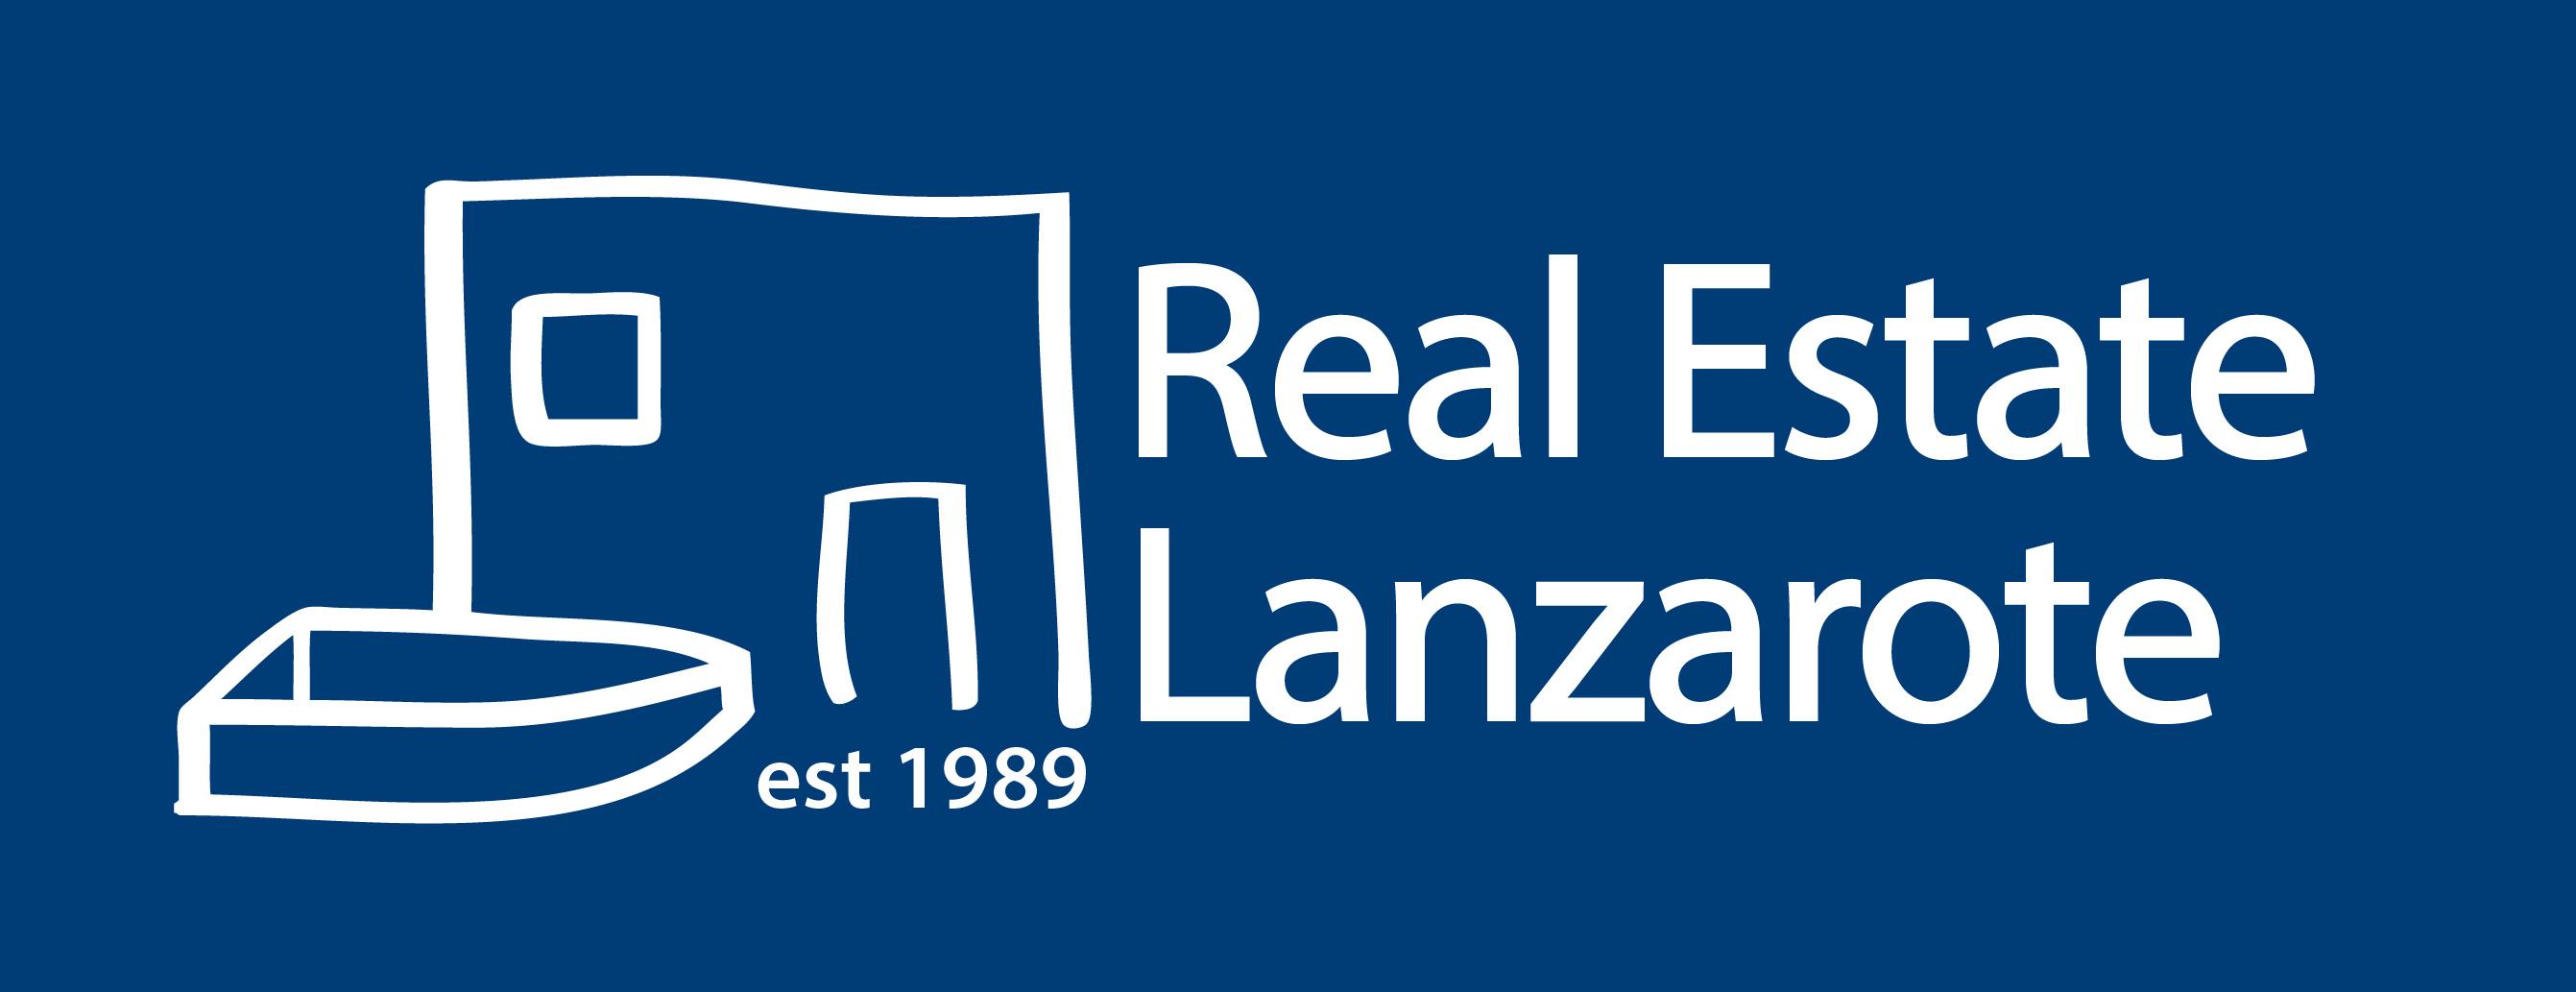 Real Estate Lanzarote, Puerto del Carmen, Lanzarote (Inmobiliarias)